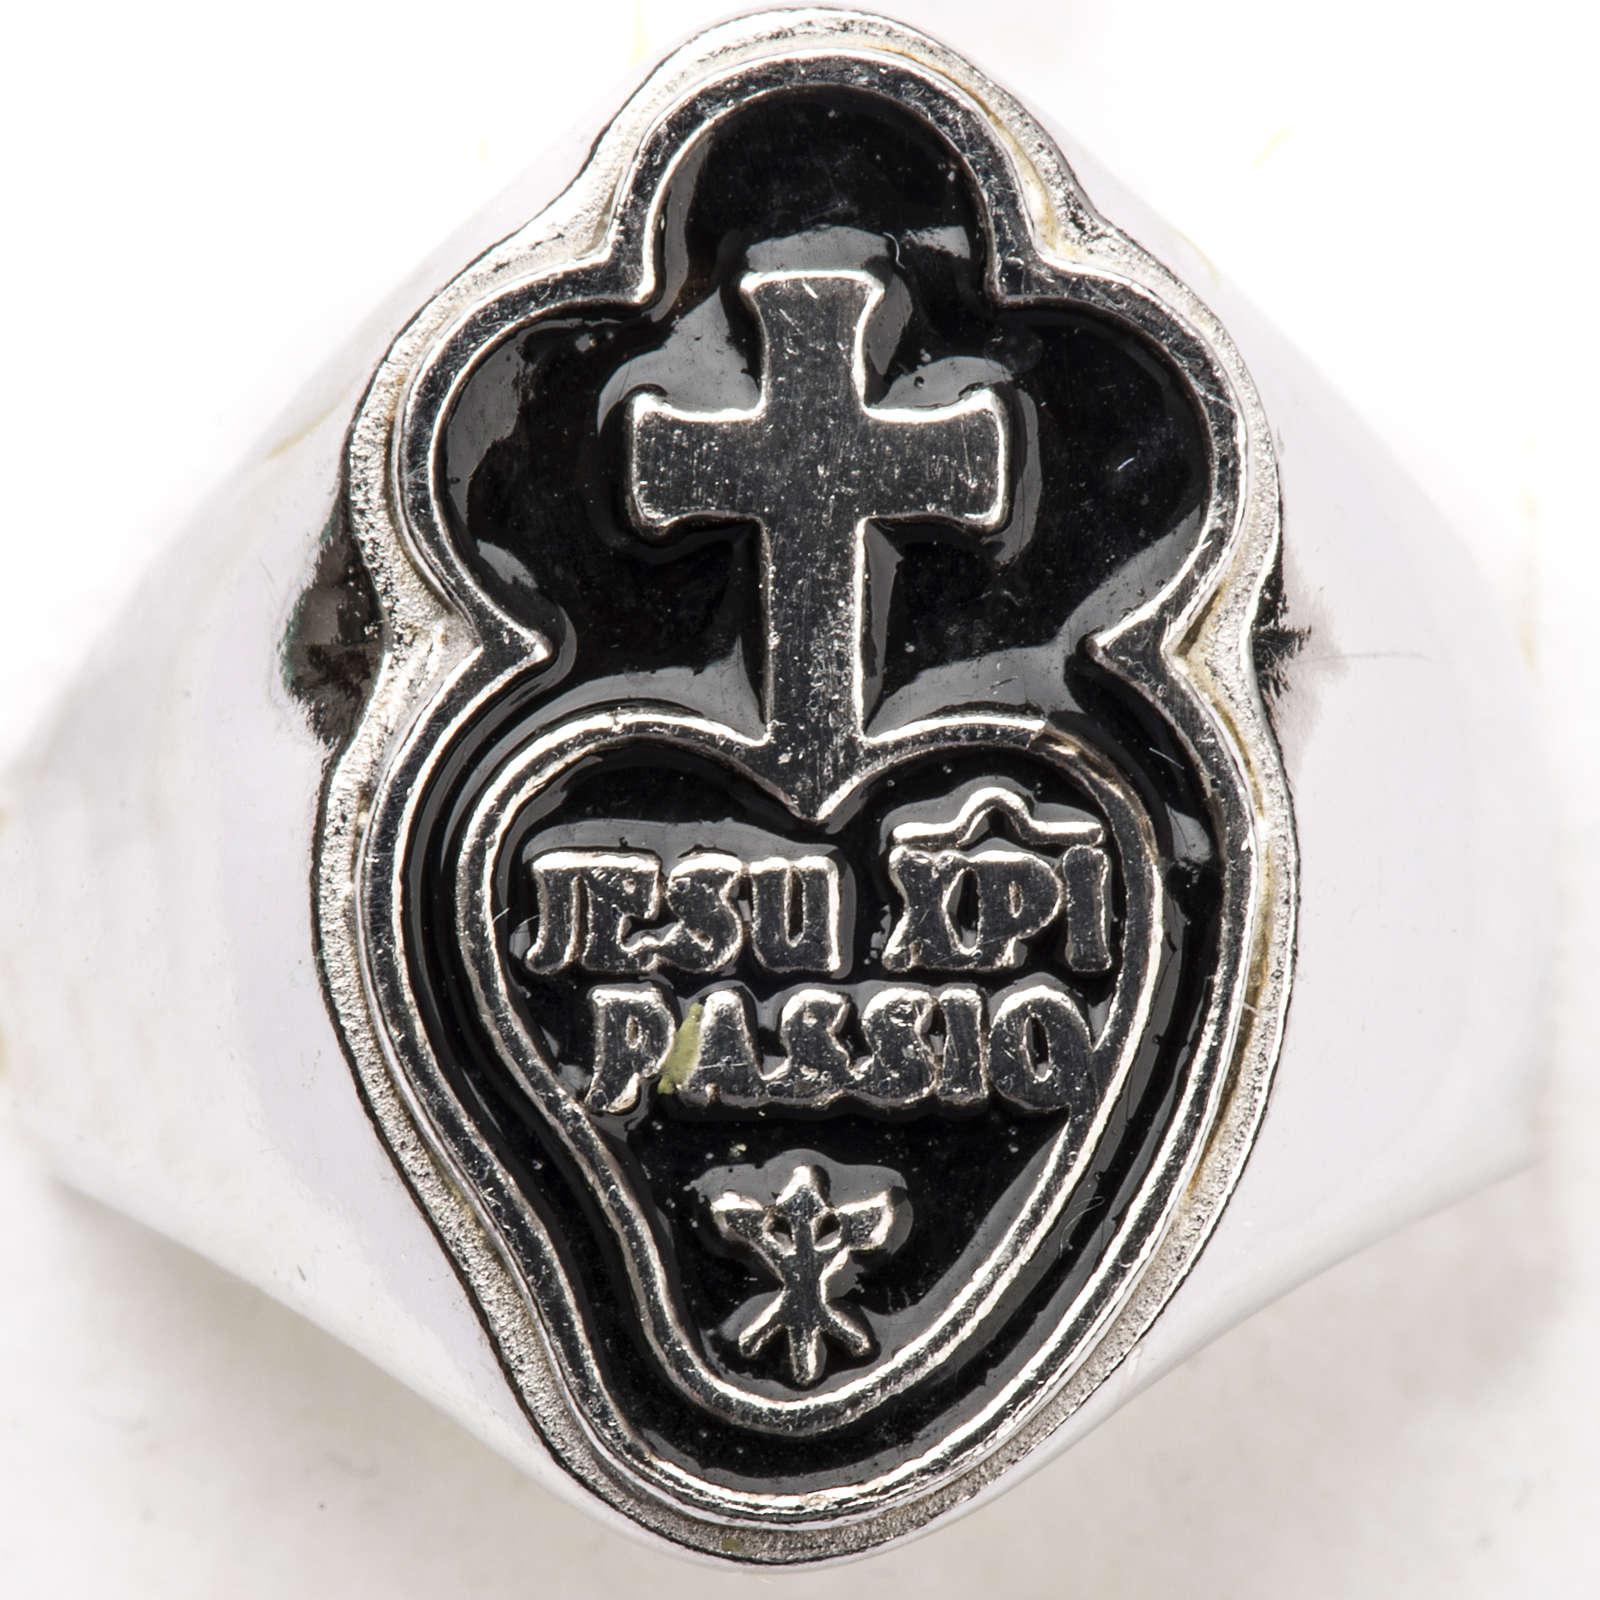 Anneau épiscopal argent 800 Jesu XPI Passio 3